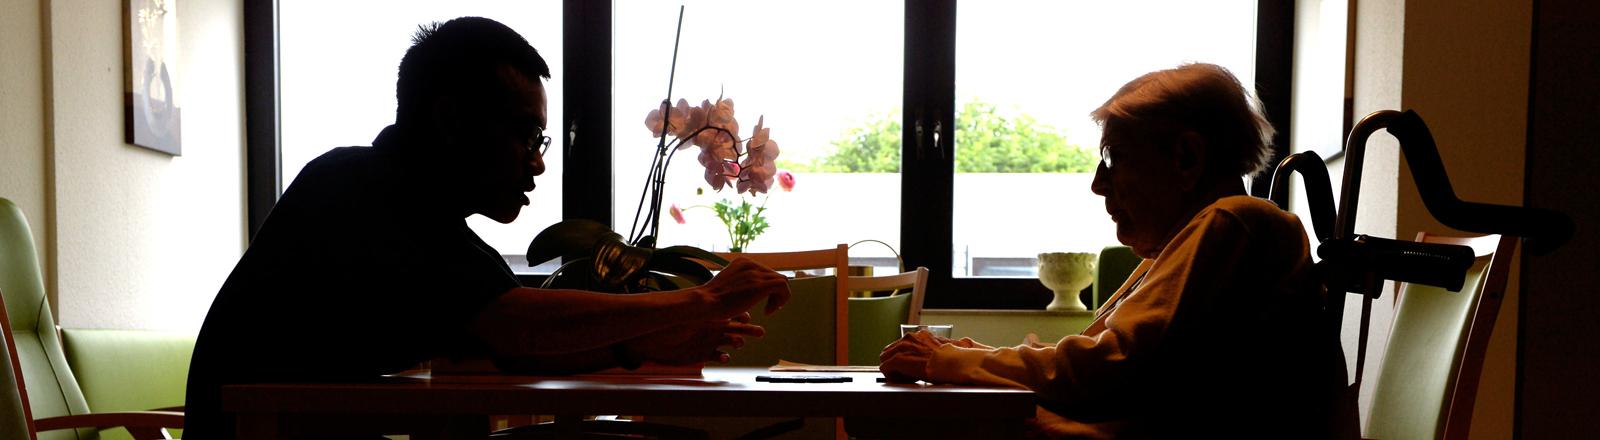 Ein Asiate sitzt mit einer älteren Dame am Tisch.